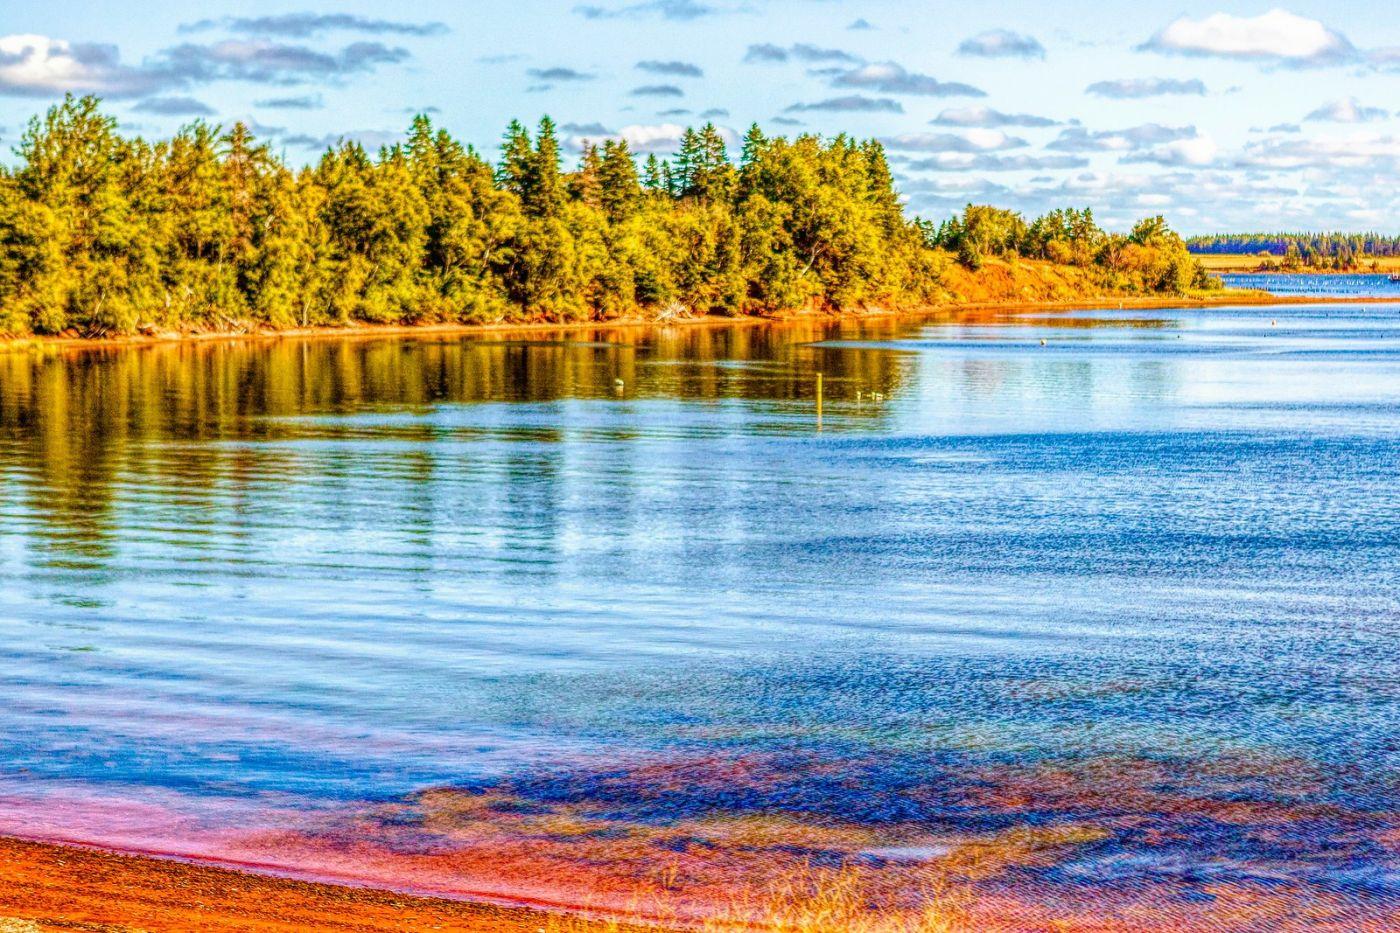 加拿大路途,水边抓拍_图1-23